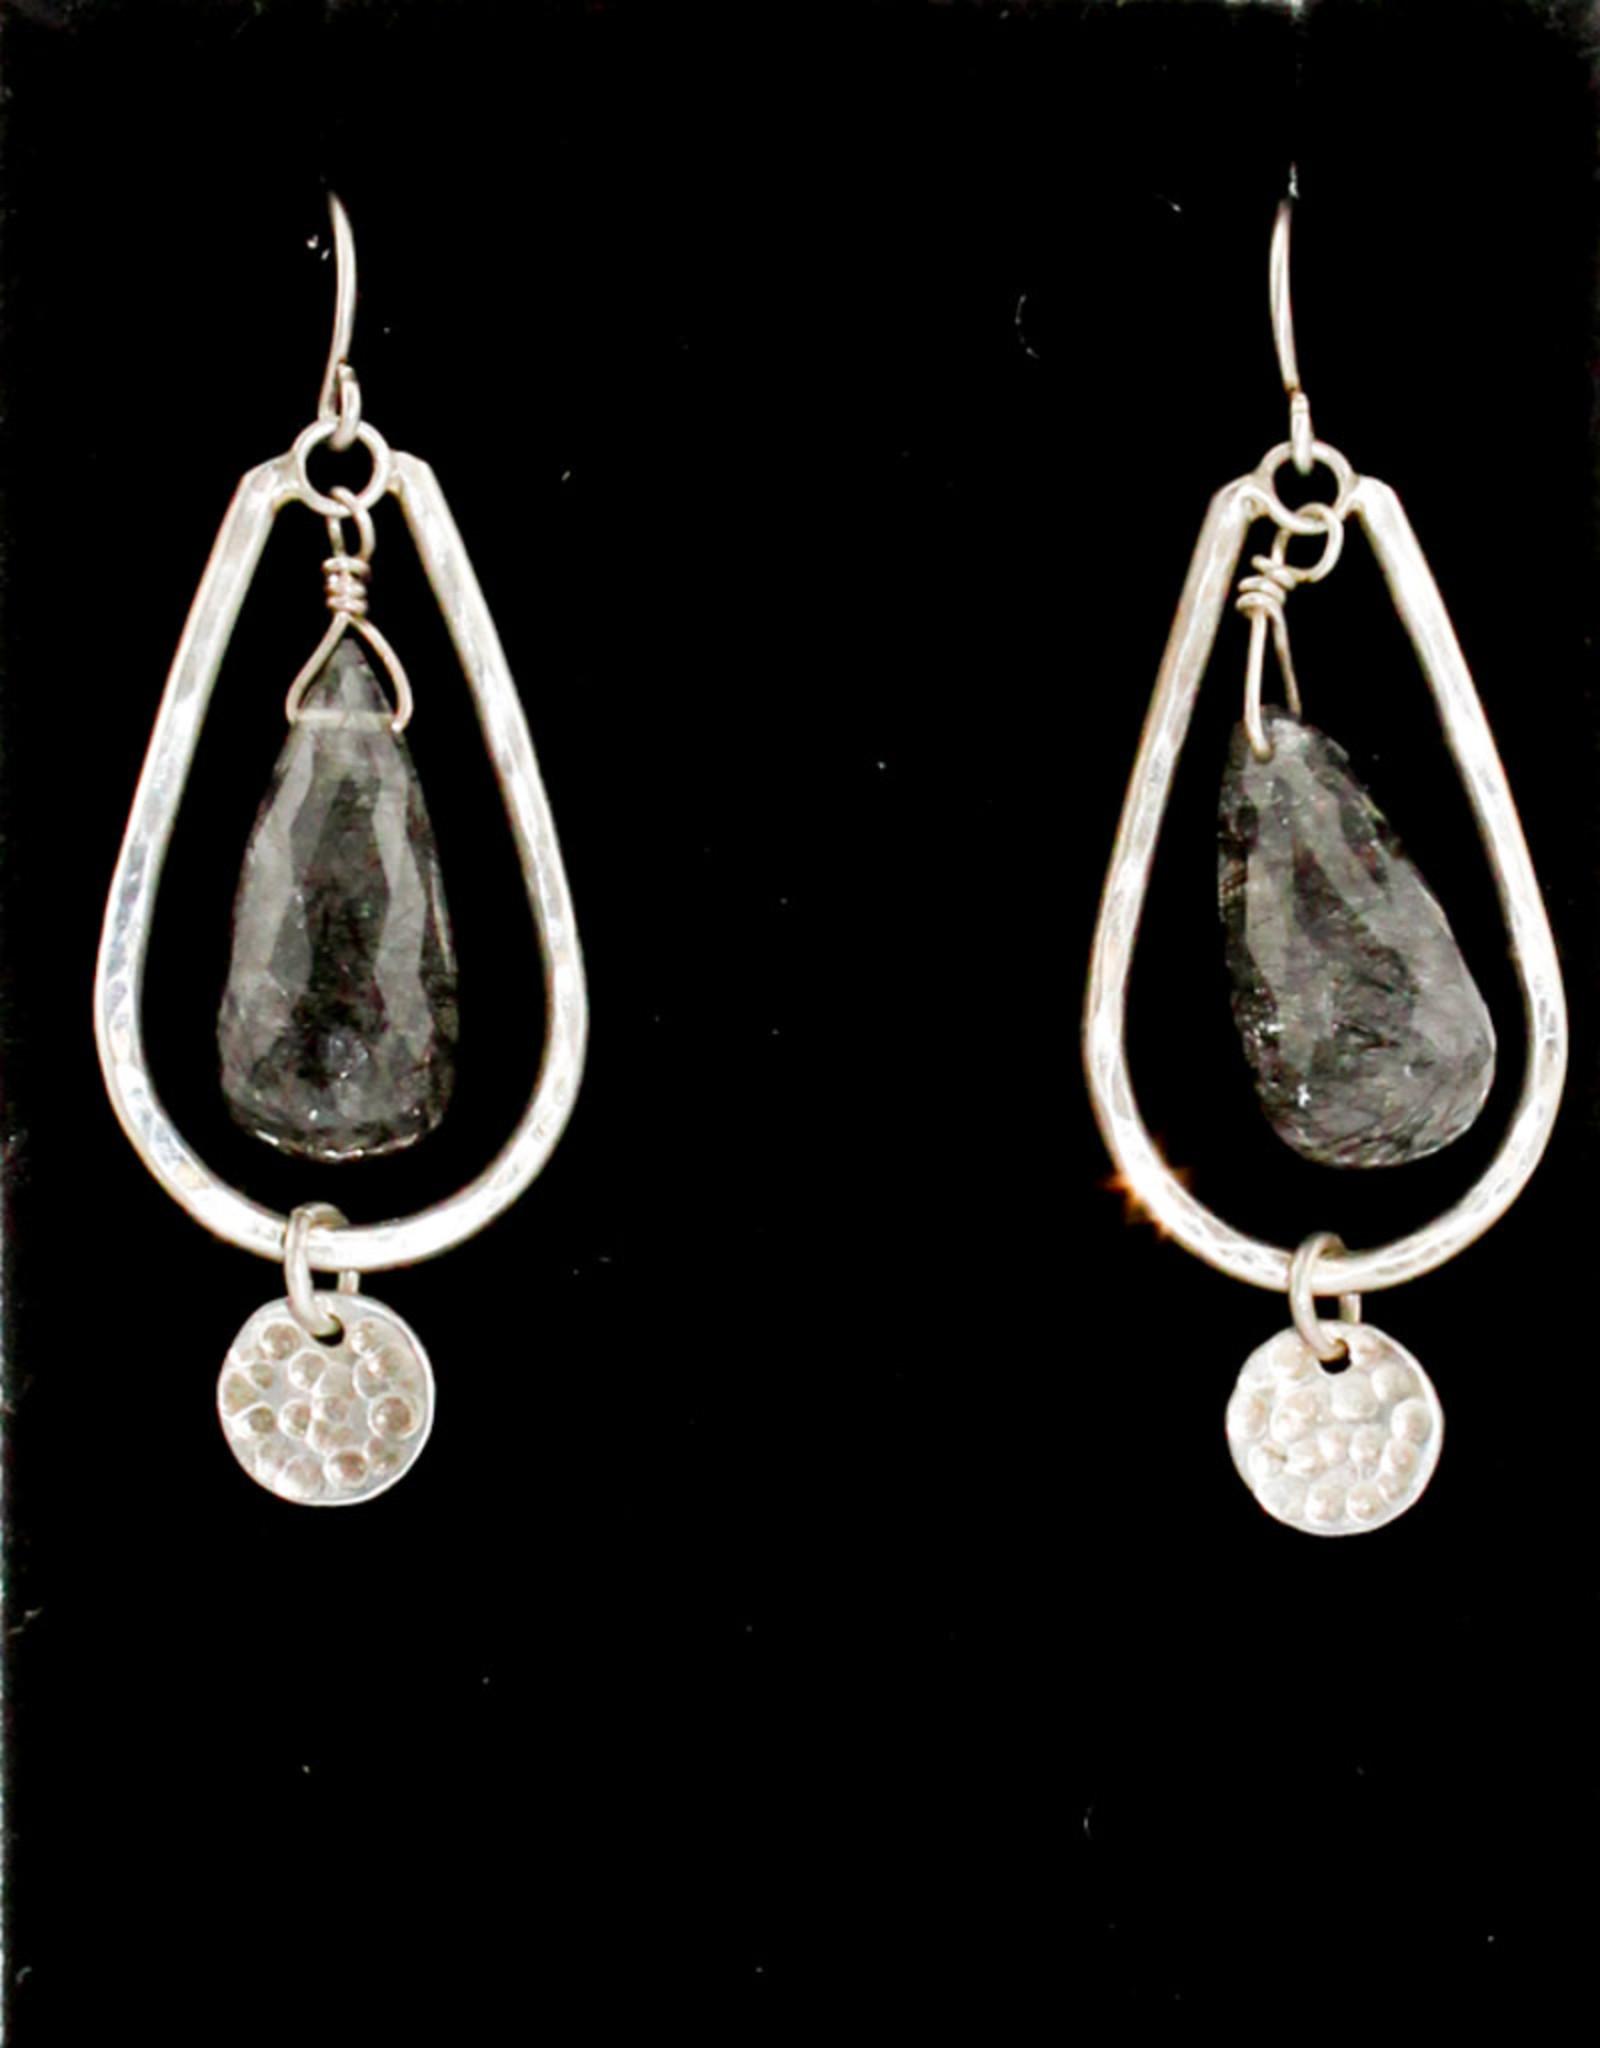 Nick DeDo Jewelry Mercury Earrings